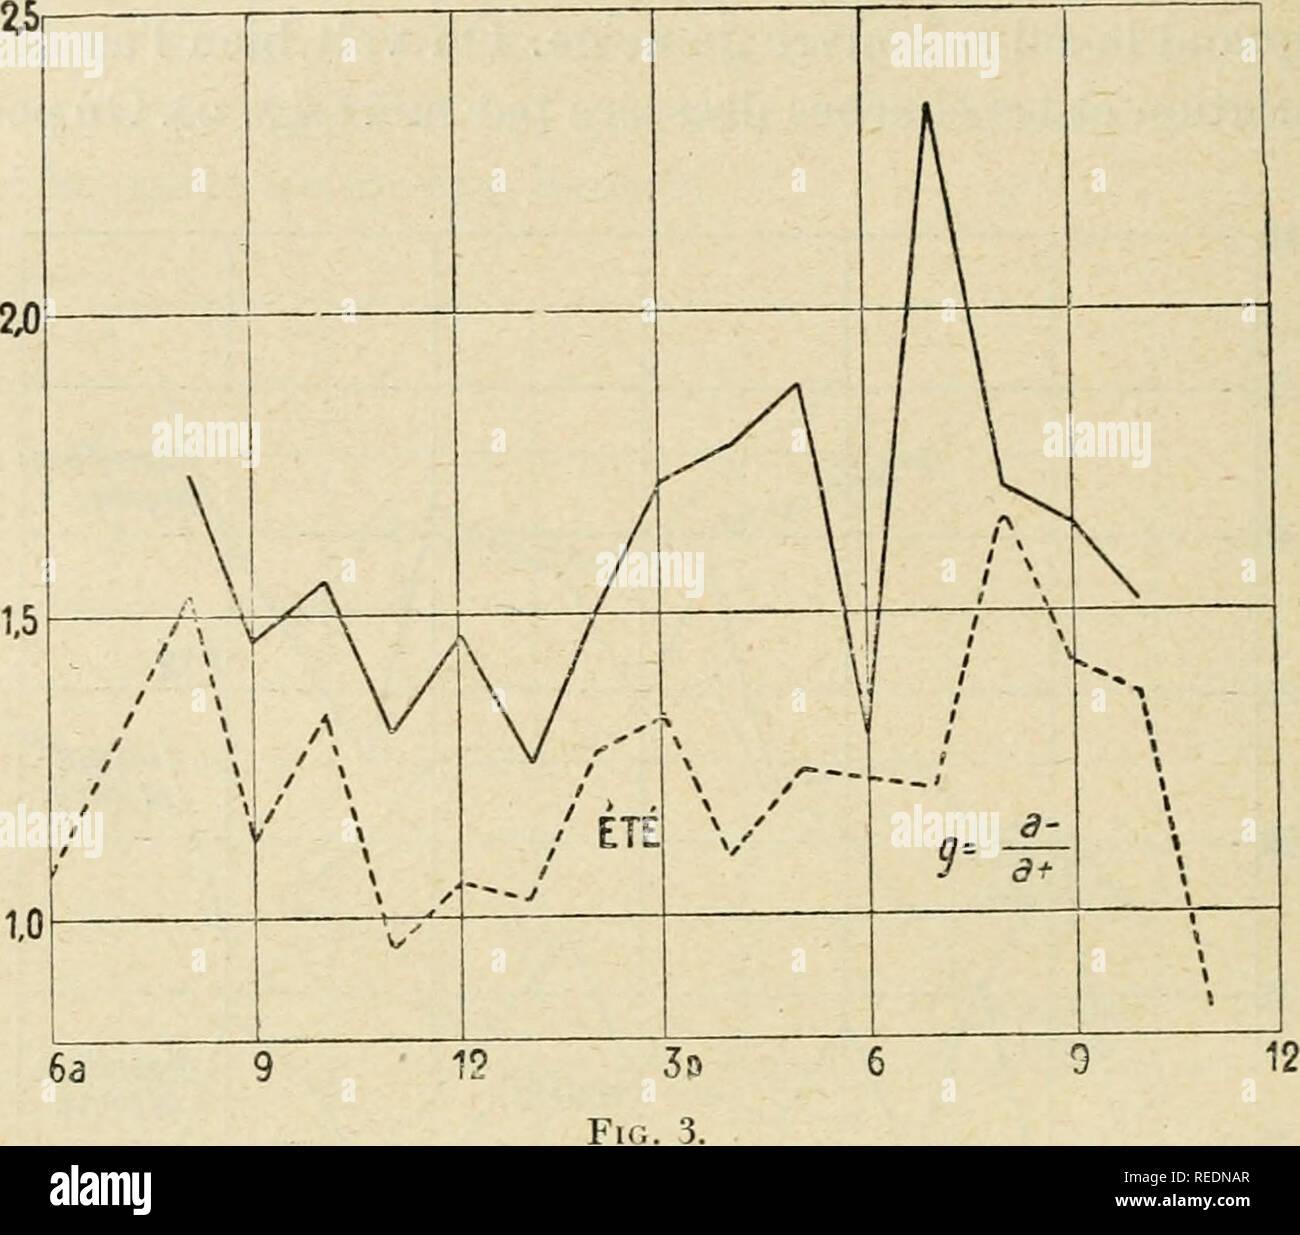 . Compte rendu. La ciencia; la ciencia -- Congresos. S02 MKTEOUOLOGIE ET Physique du Globe semble pas être ni modifié par la saison ni par la localité, seulement les valeurs absolues sont plus grandes en hiver qu'en été (çoirjig. 3).. Je fais suivre les chiffres obtenus d'une parte par M. Le Cadet (*) sur le Mont-Blanc, d'autre part par moi sur le Rothhorn. El Mont-Blanc Rotthorn :ii . a i,3i 8 45 8,4i 9 1,68 9 7 i5,i8 lO 6,83 2,81 II 4:77 _ I P 9.9^ 2,02 I 45 i6,65 2 45 i4,ii 3 11,24 16,08 3,38 3 7 3 35 i5, i4 4 5 2,41 10,74 10,45 4,93 g p 8 1,02 (*) Le Cadet. Compt. desgarrar, págs. i35, 886, 190?. Por favor Imagen De Stock